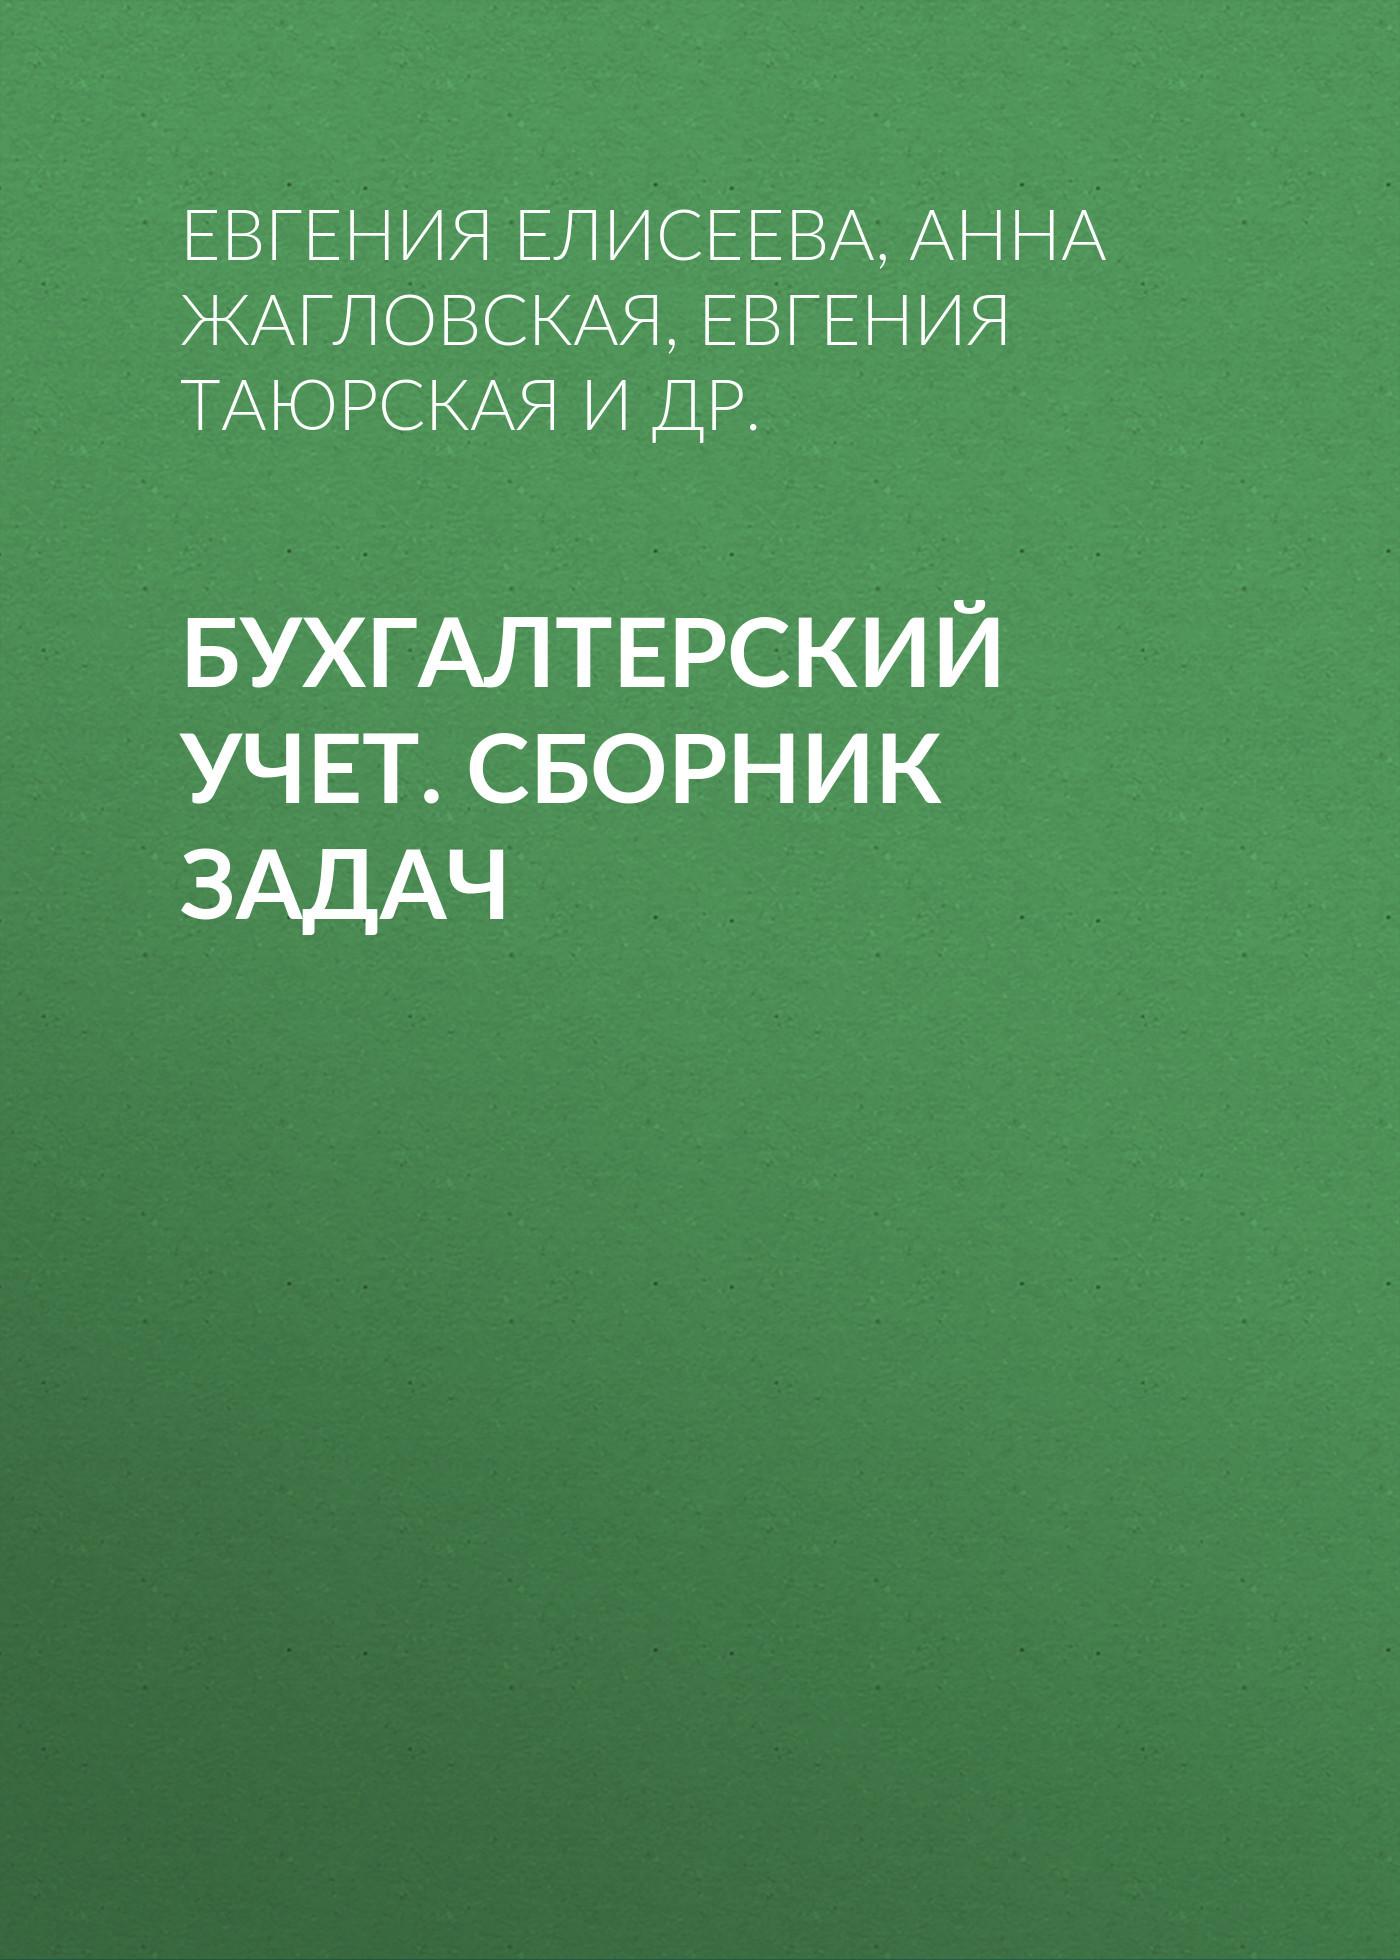 Евгения Елисеева Бухгалтерский учет. Сборник задач связь на промышленных предприятиях